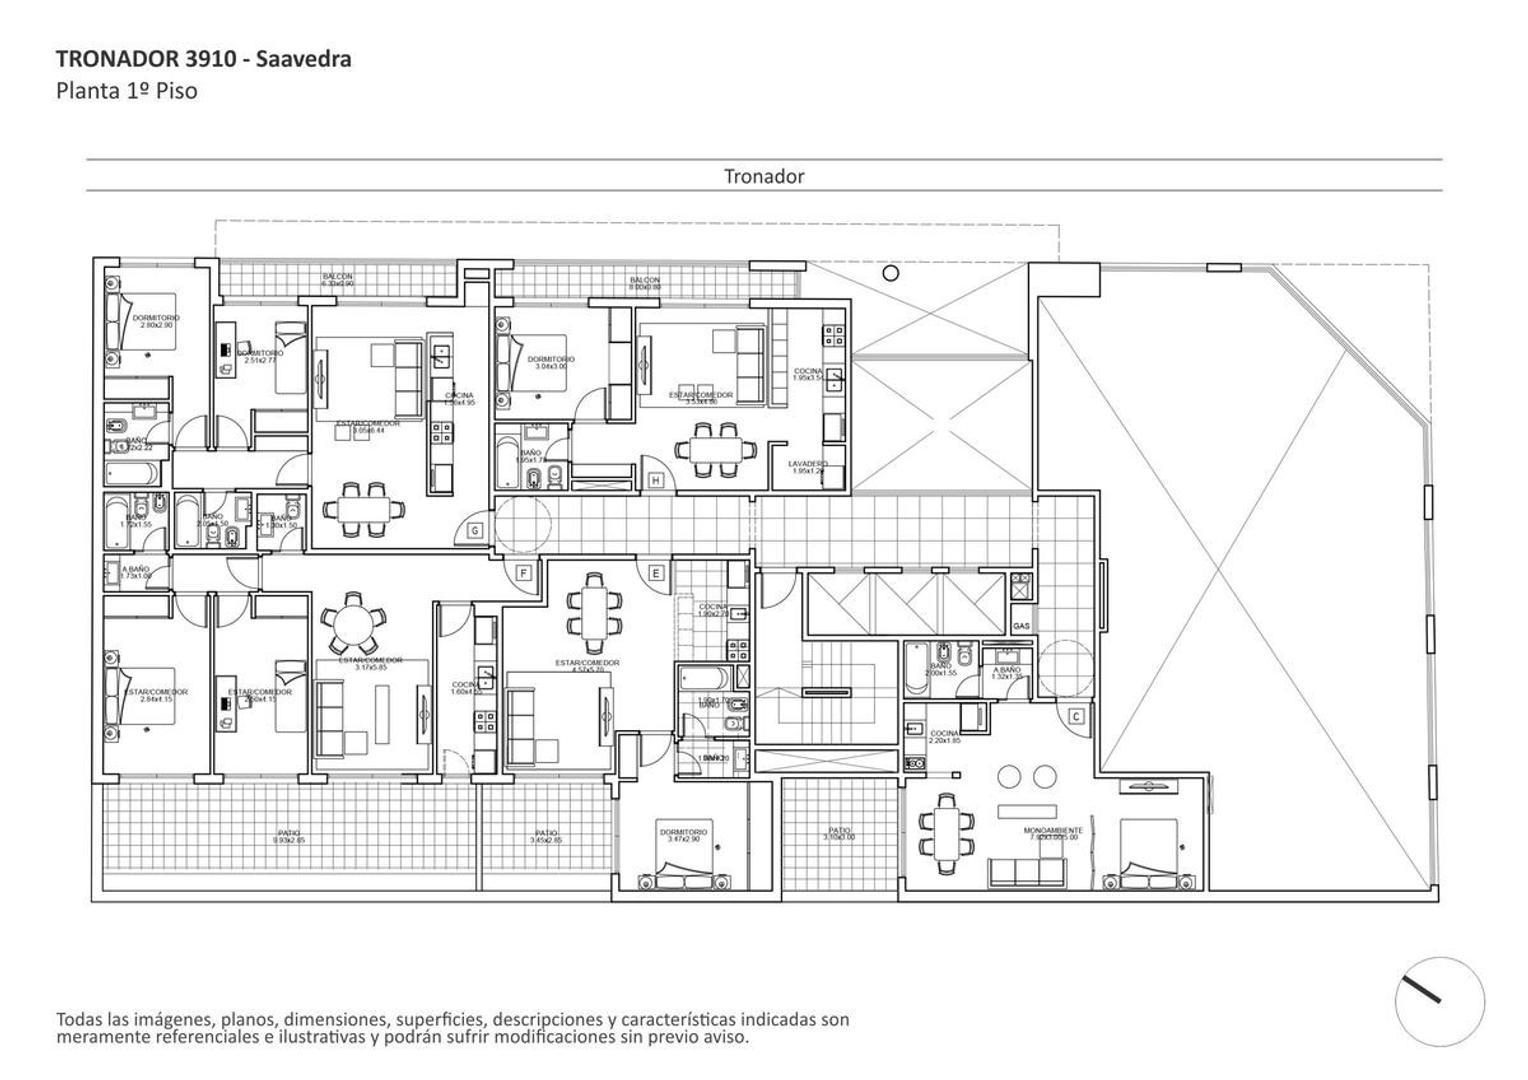 Departamento en Saavedra con 1 habitacion